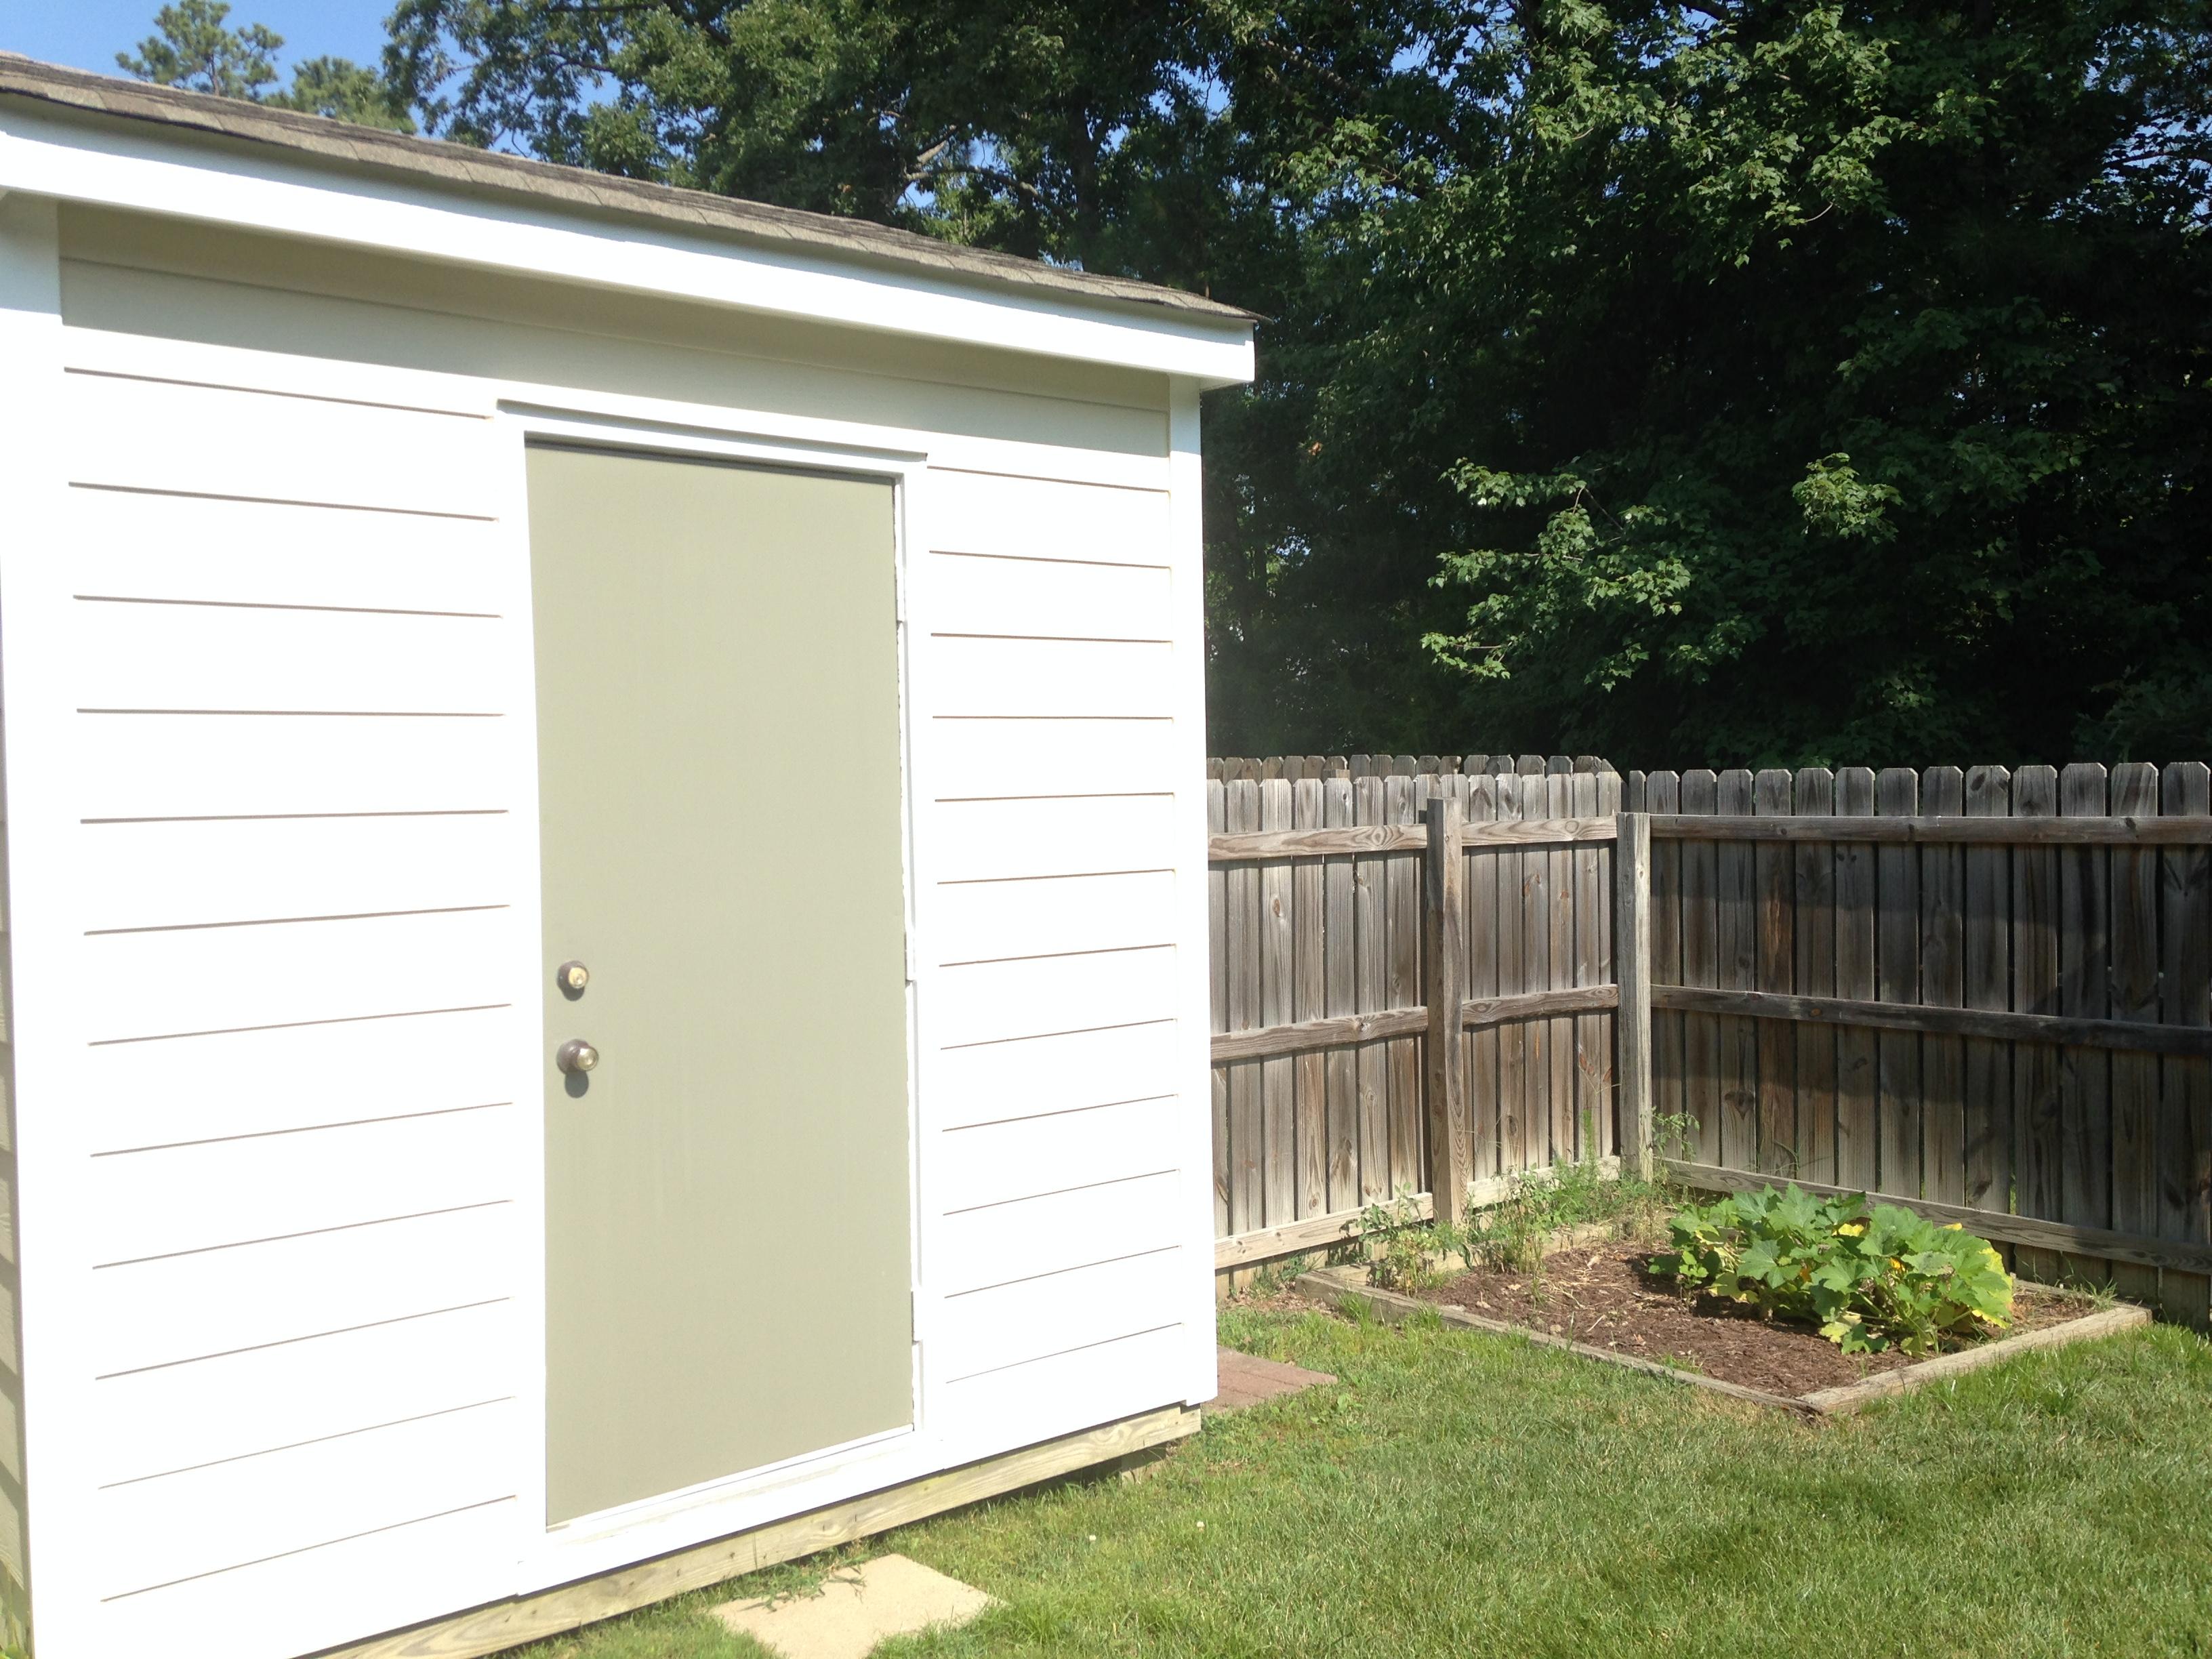 Detached shed